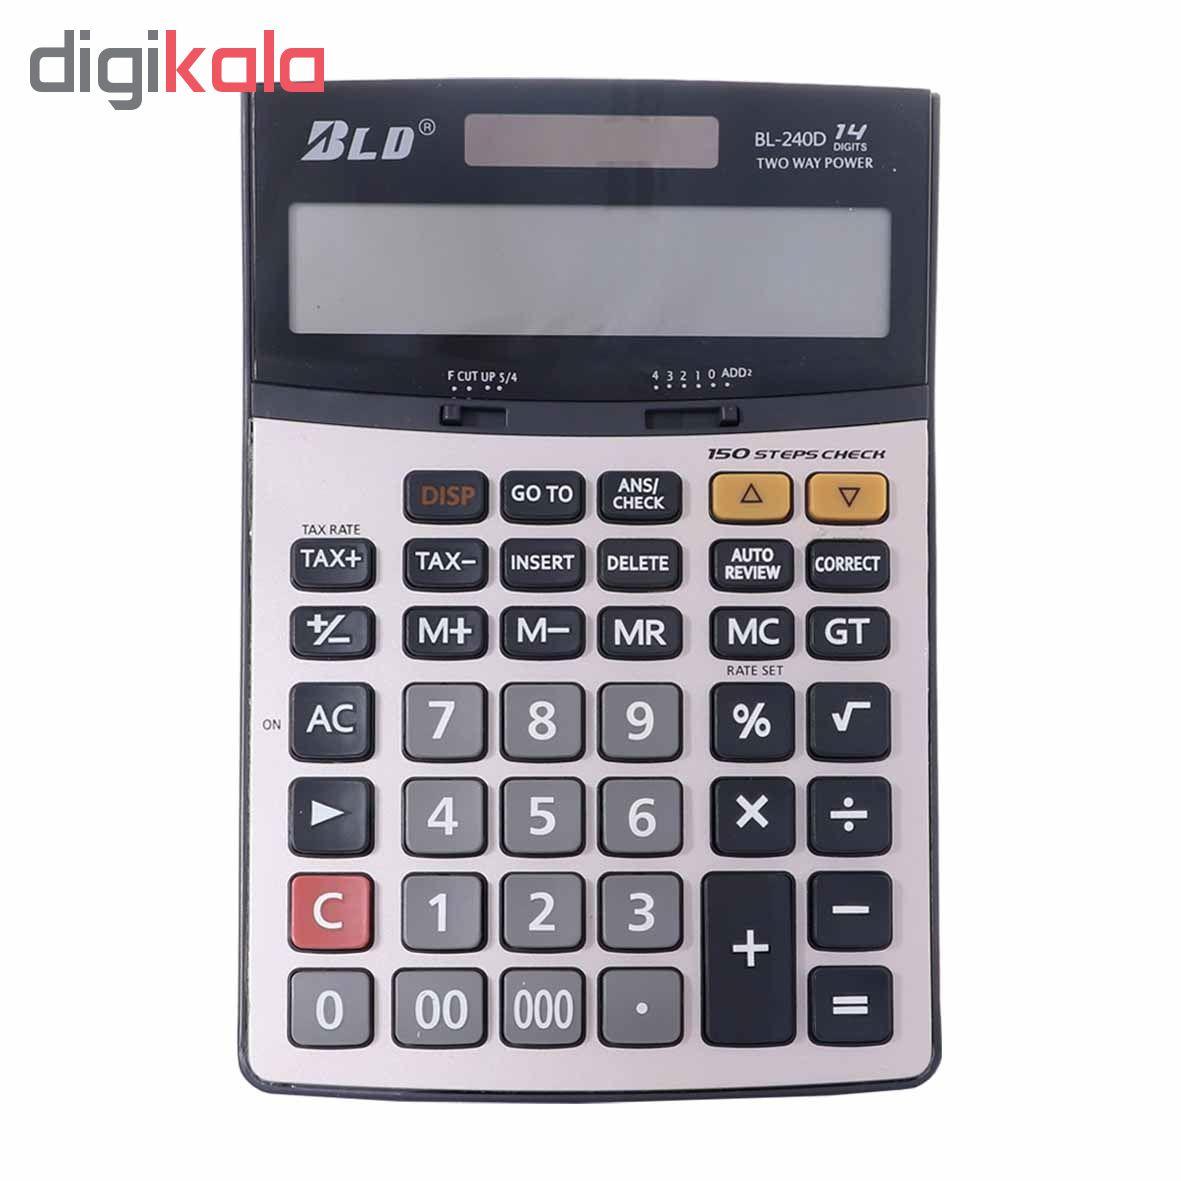 قیمت                      ماشین حساب بی ال دی مدل BL-240D